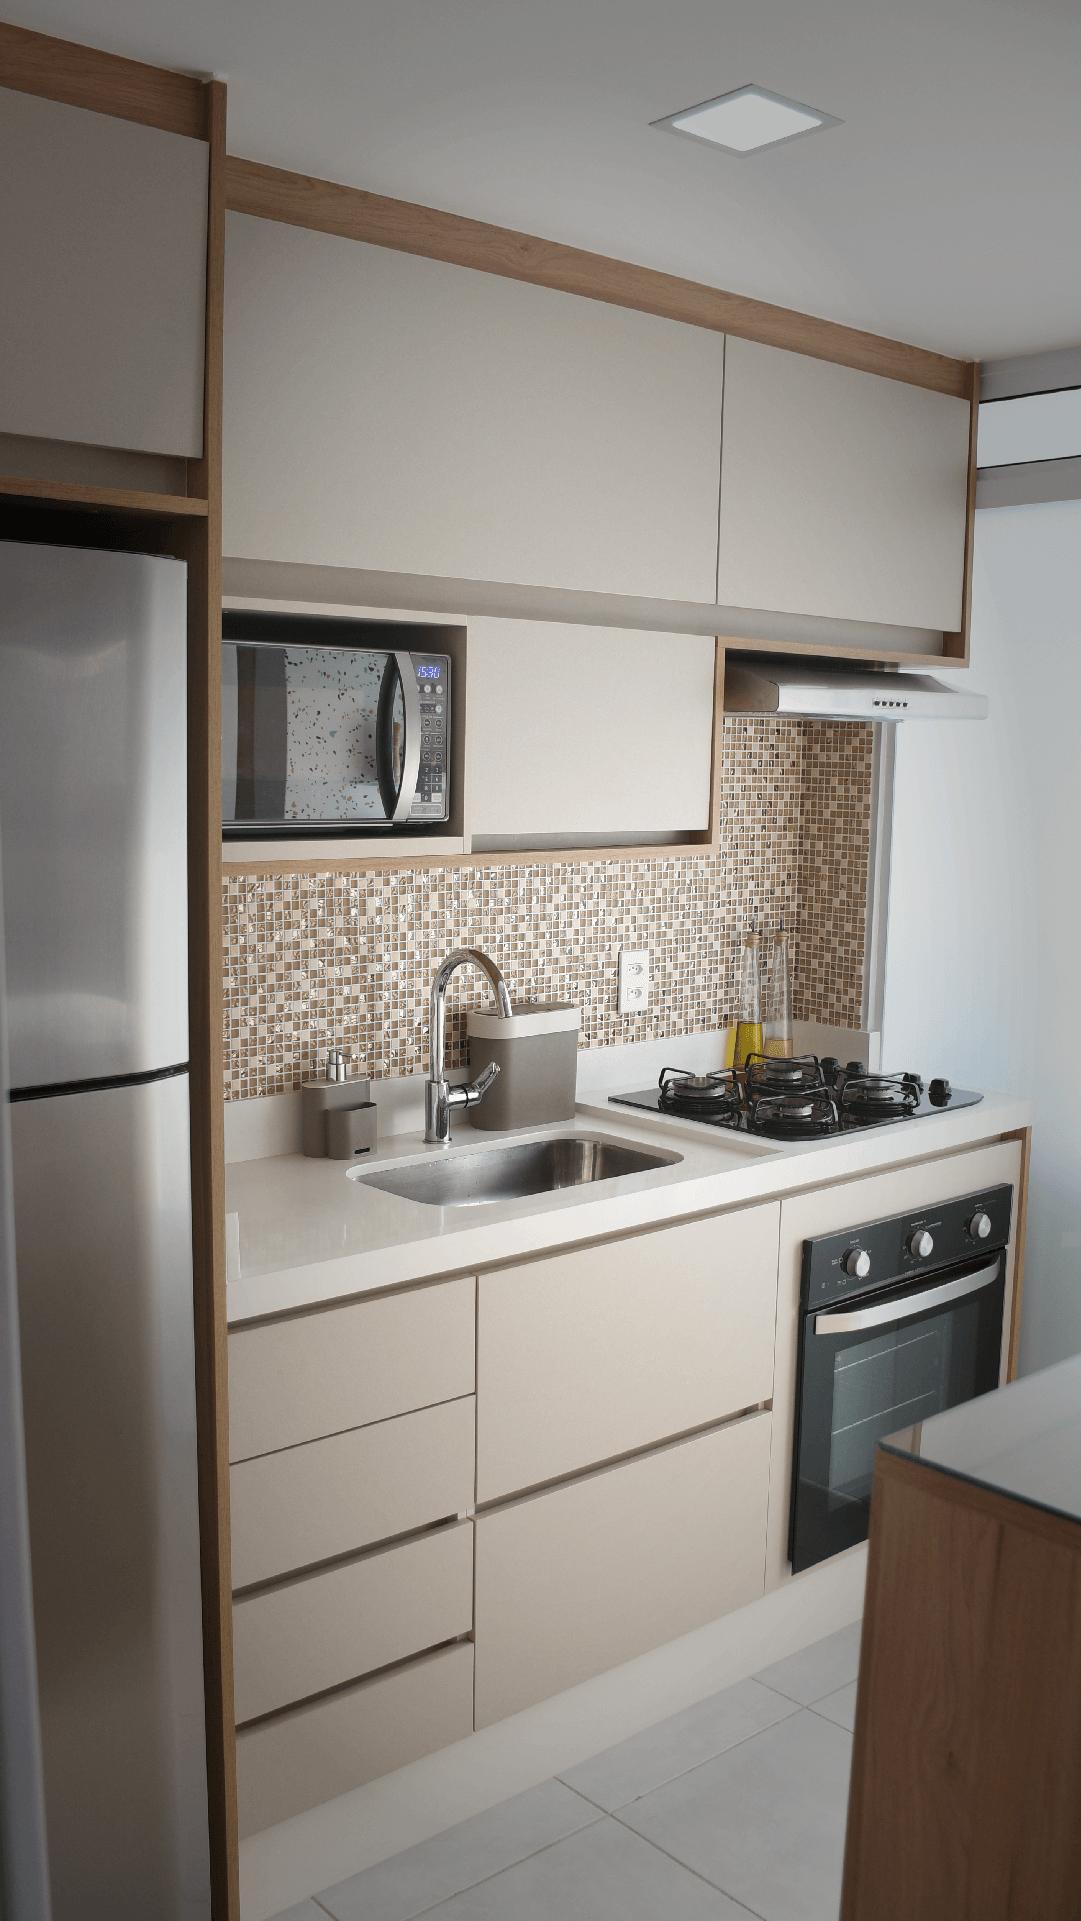 Valcenter Planejados | Loja De Móveis Planejados Em São Paulo | Decoração Para Casa | Apartamento Planejado